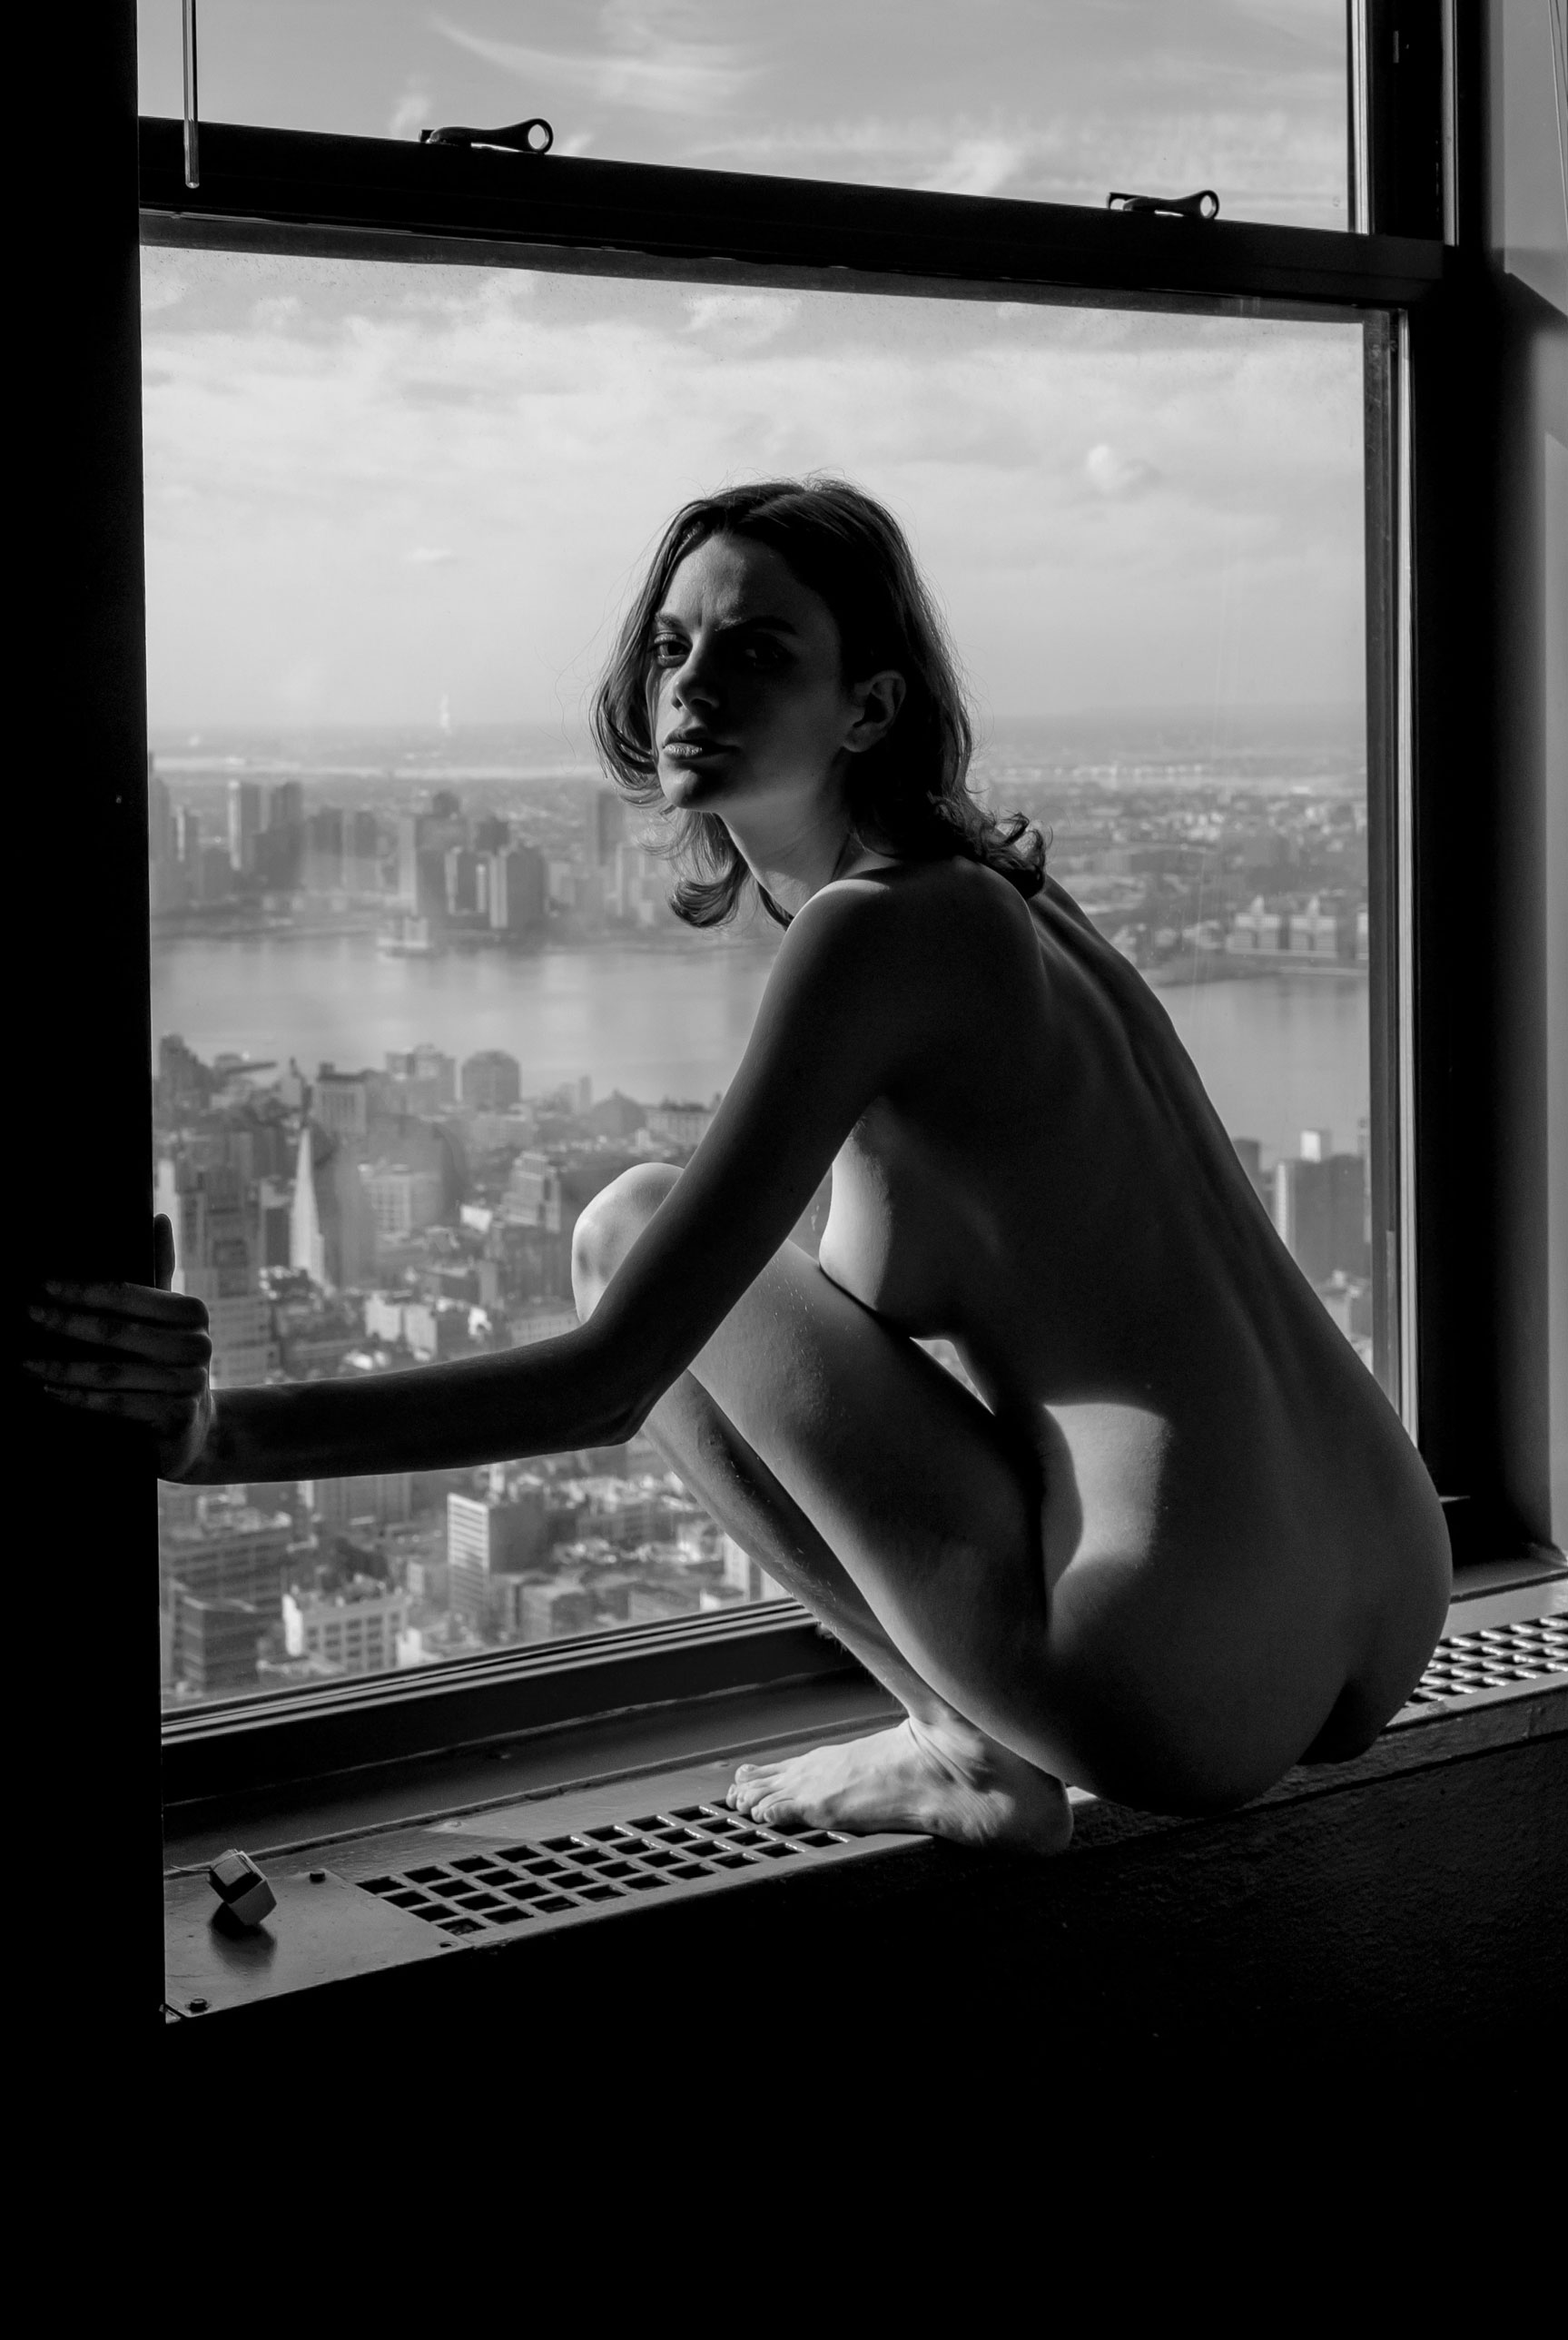 Elaina nude by Mar Shirasuna